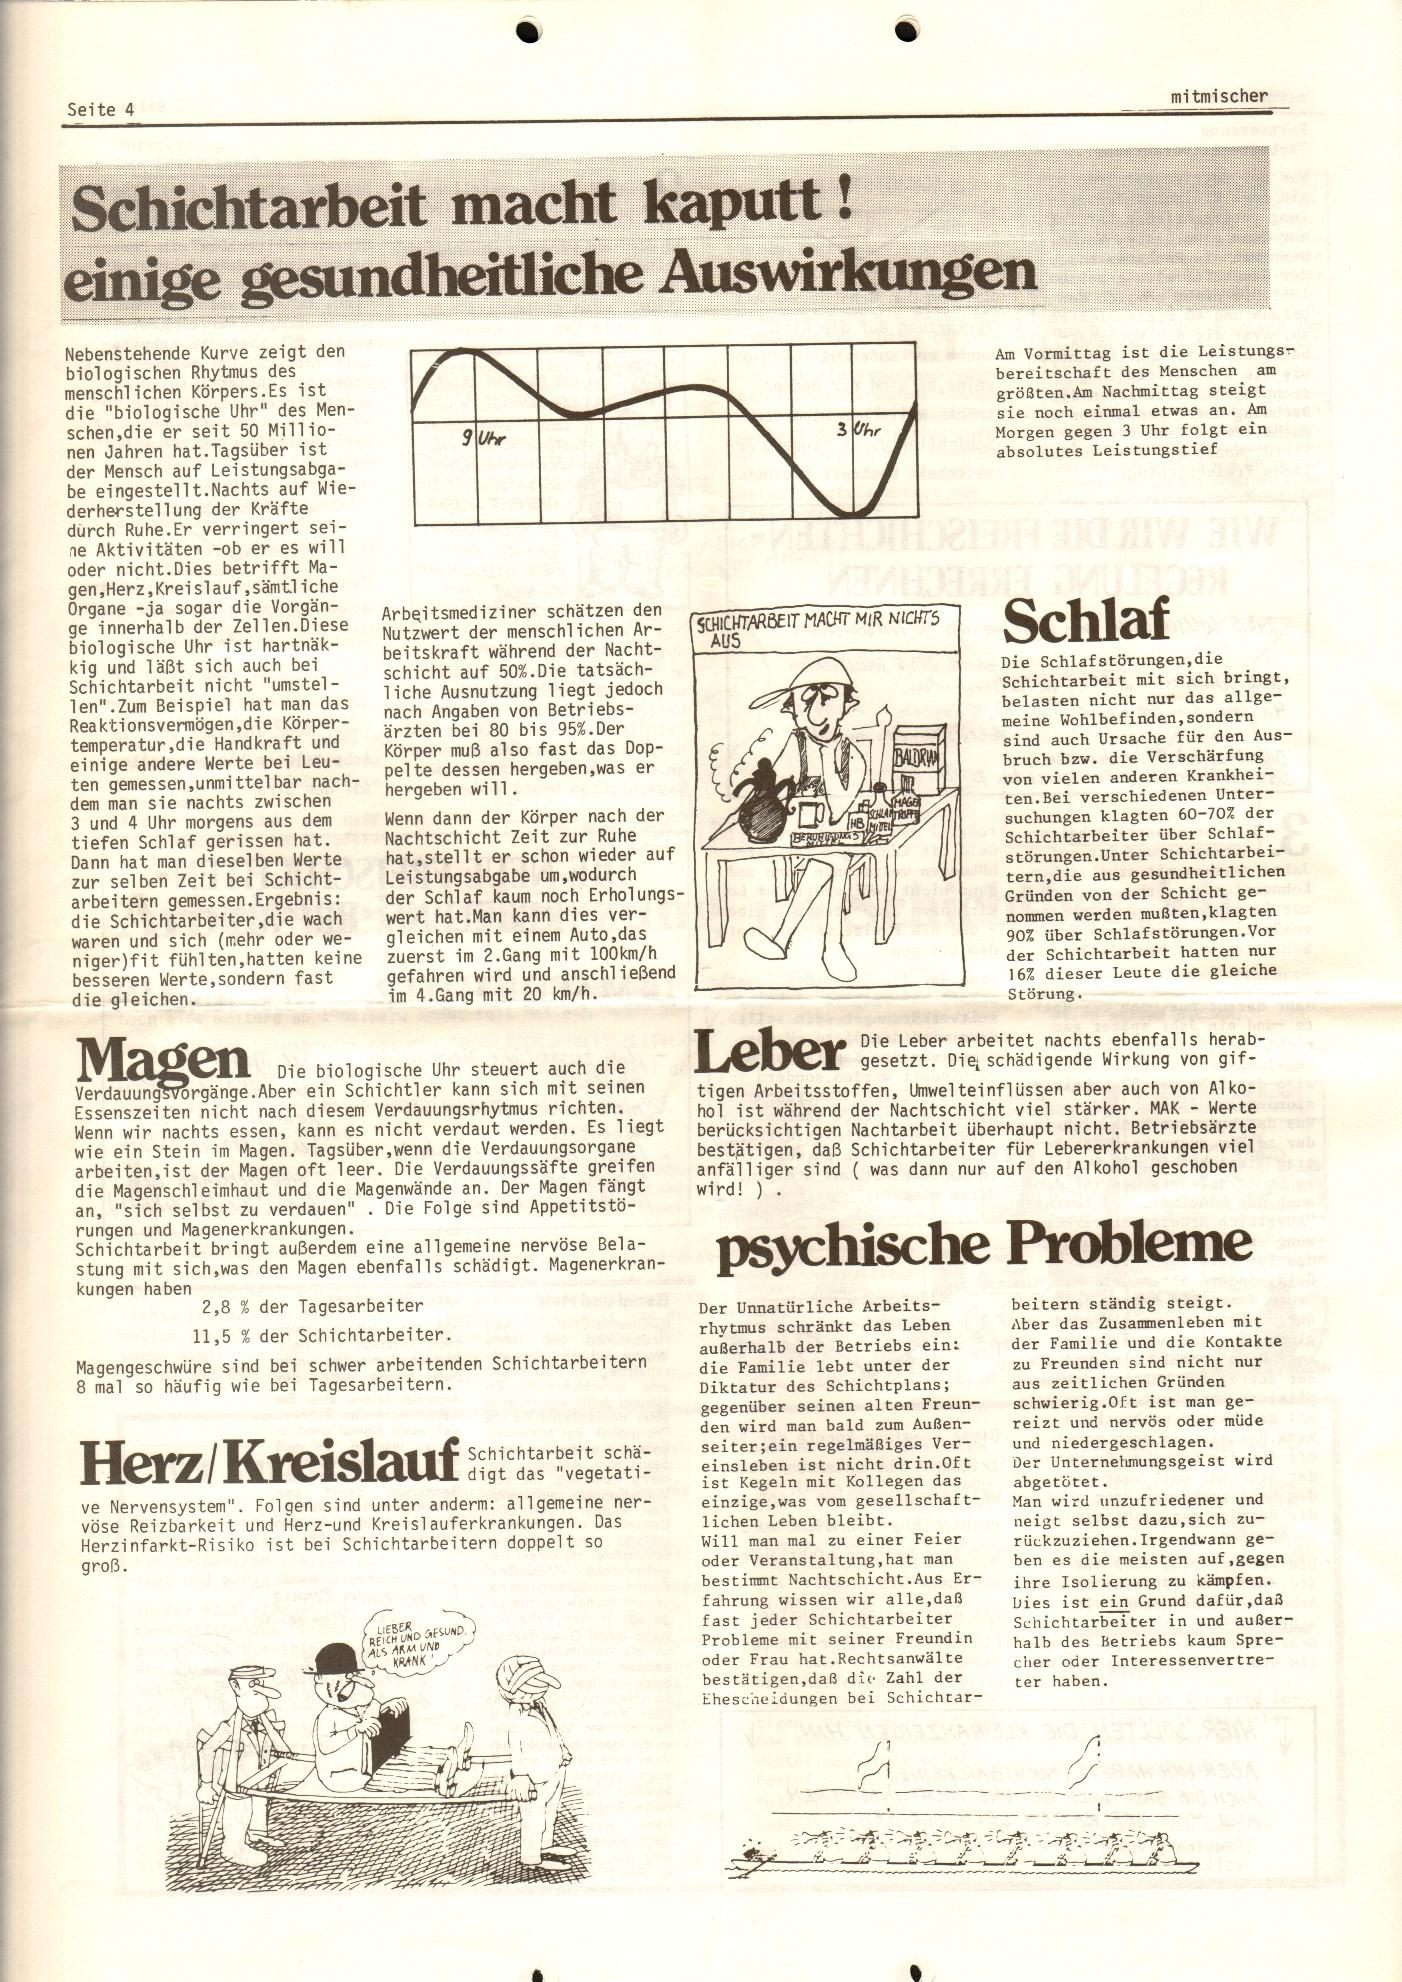 Ludwigshafen_Mitmischer_1980_01_04